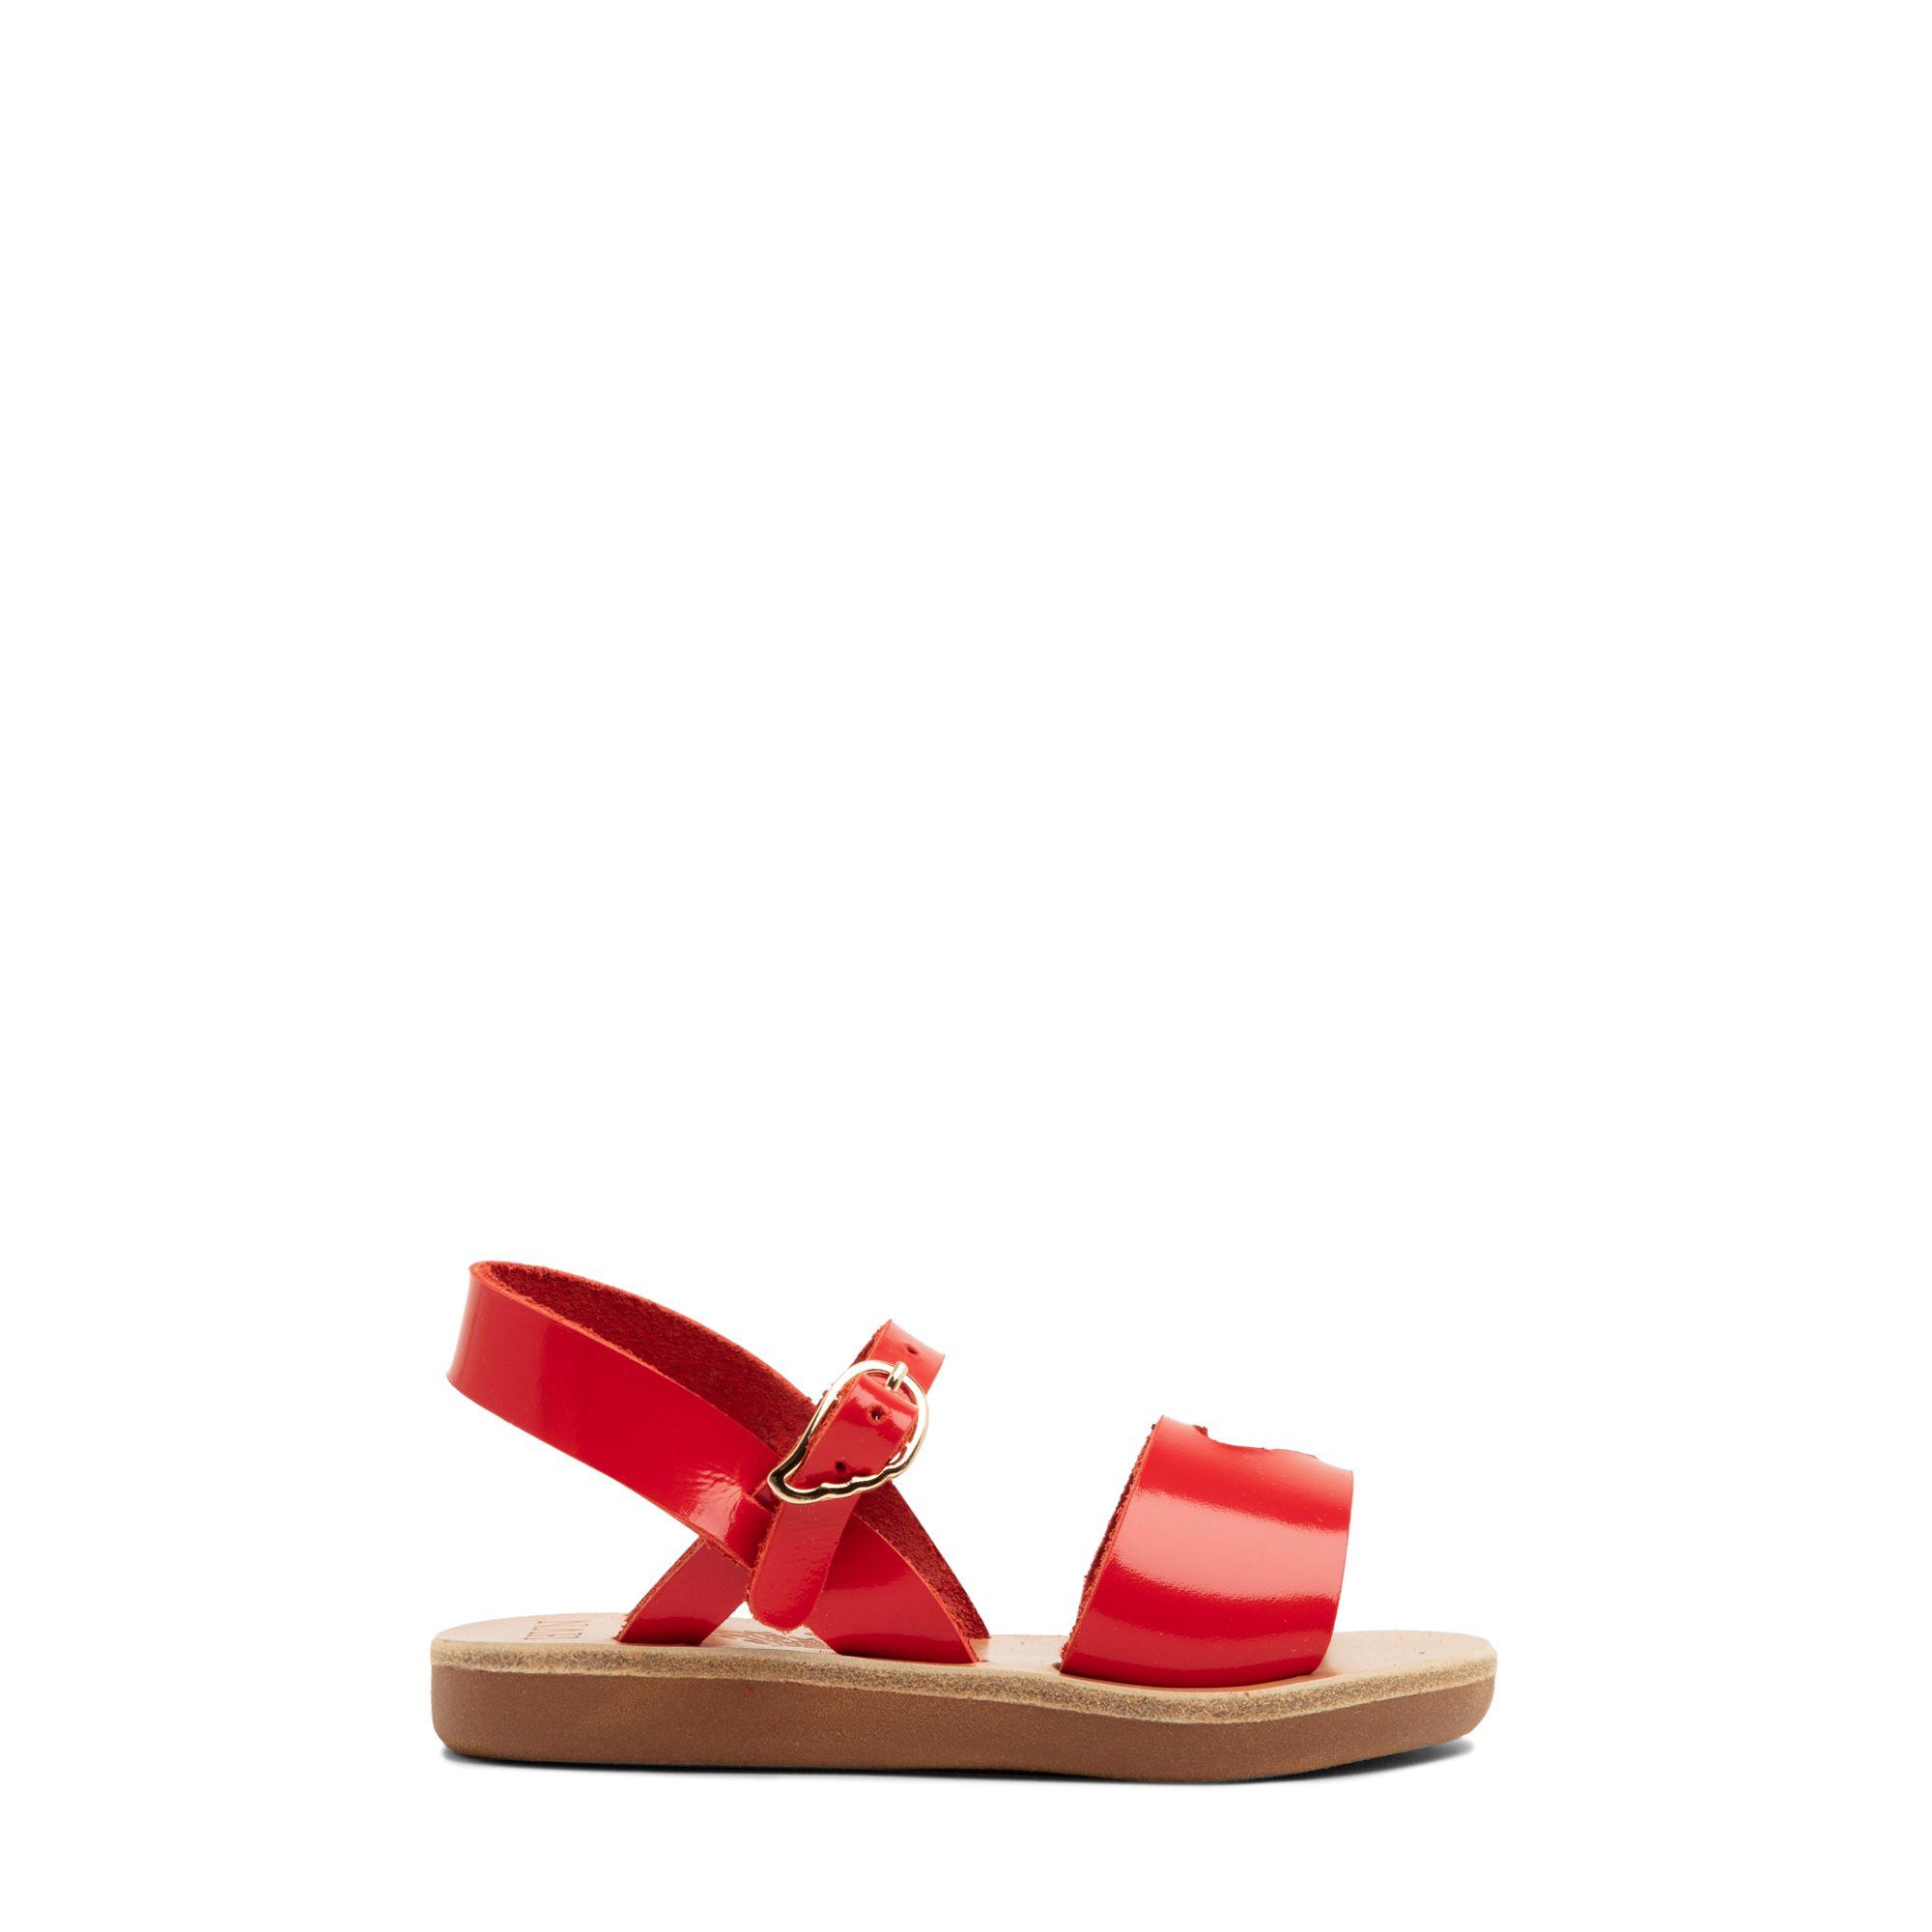 Exclusive Little Kalliroi heart cutout sandals